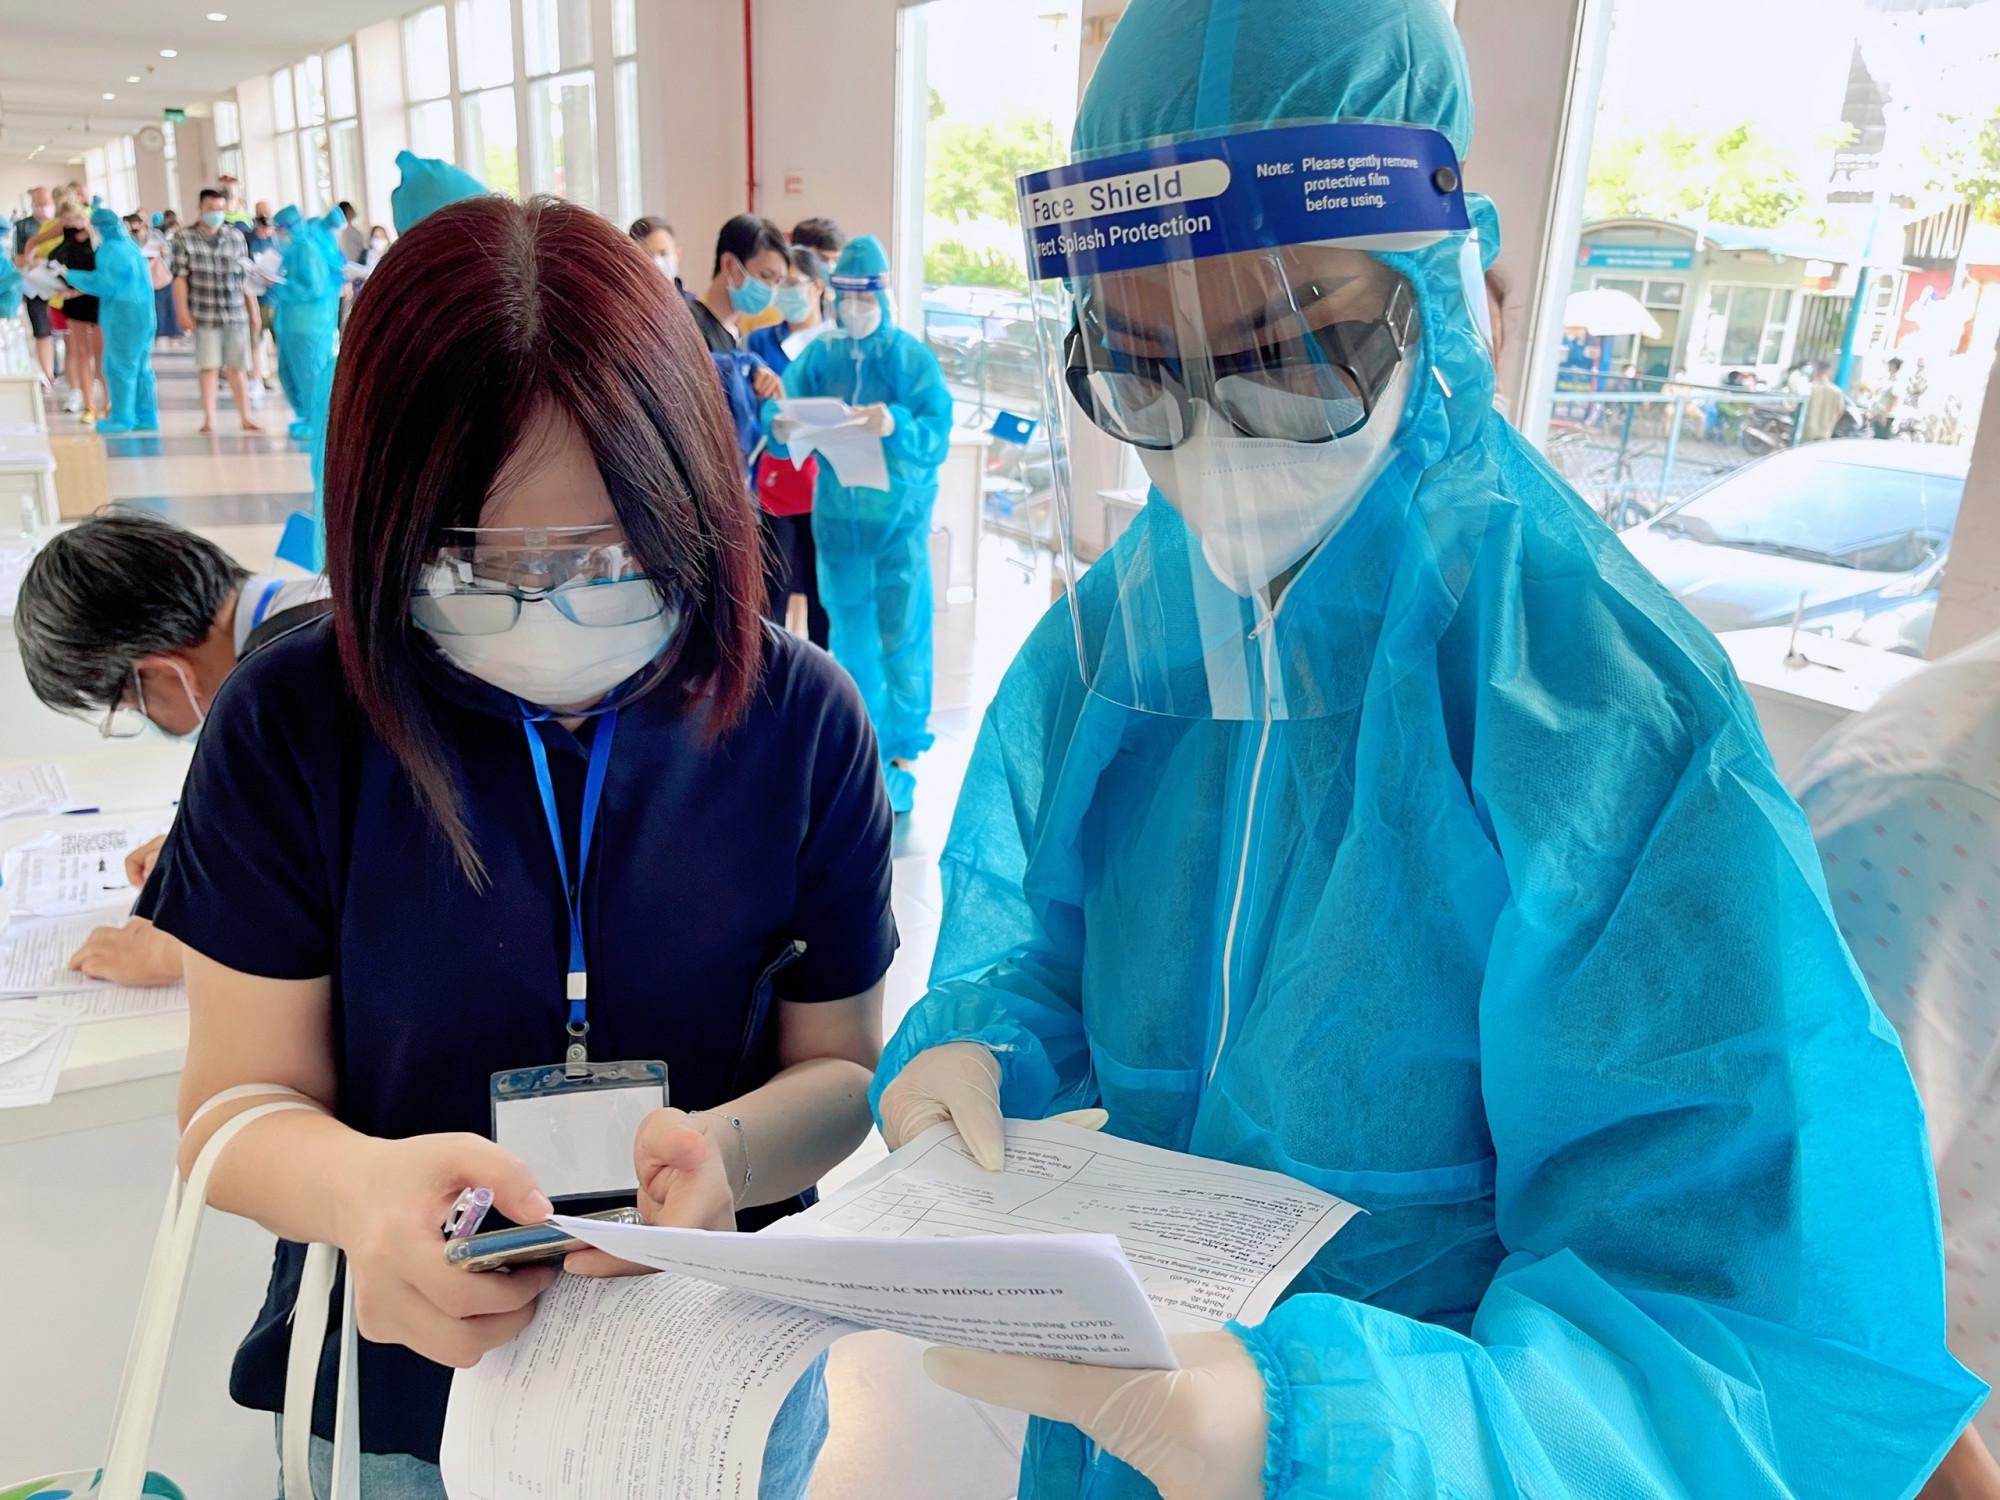 Á hậu Kiều Loan hướng dẫn một người dân khai báo y tế, điền thông tin.